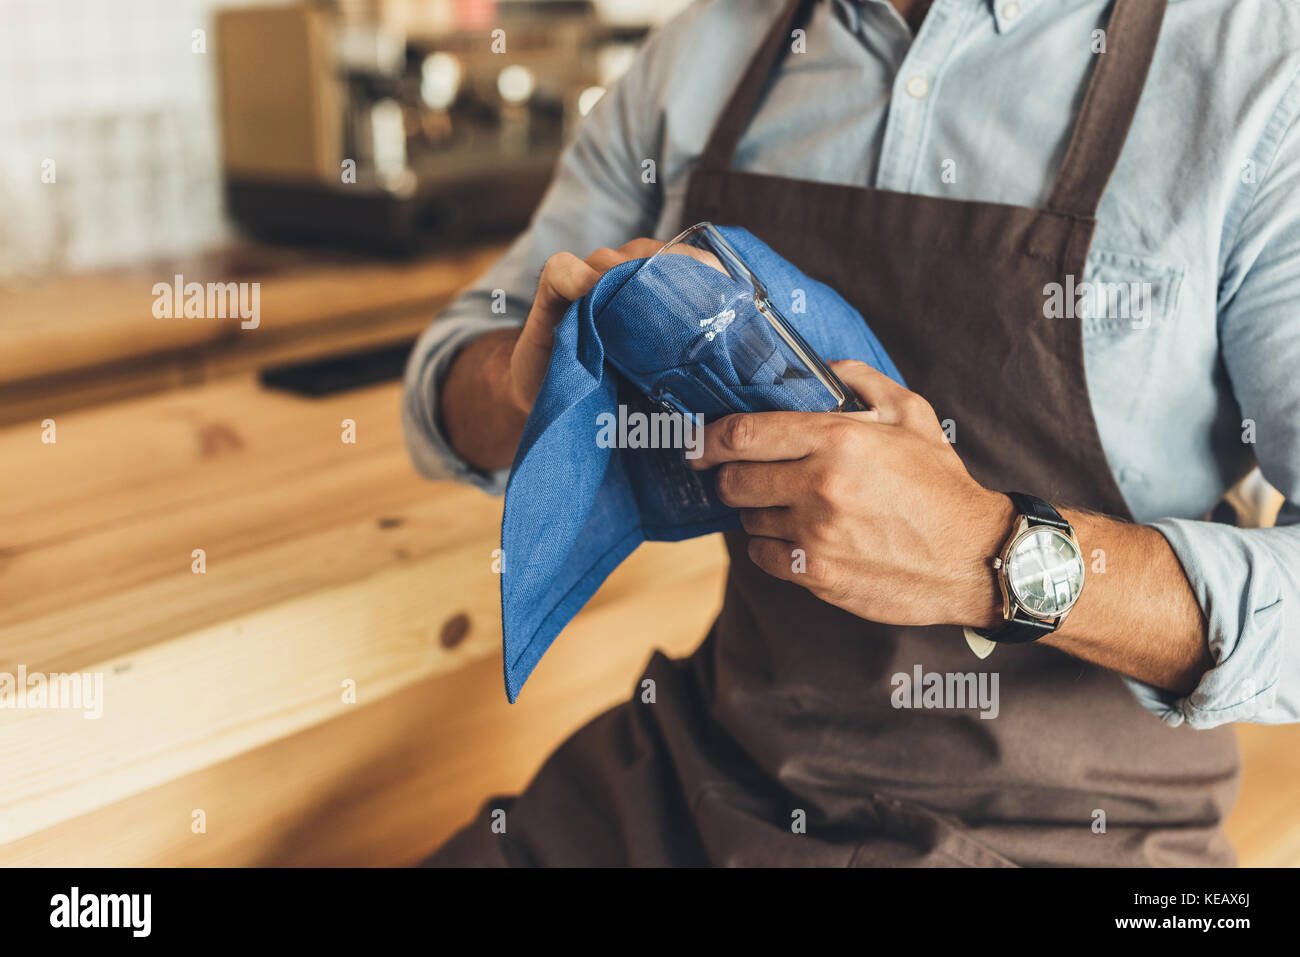 Limpieza de vidrio trabajador Imagen De Stock